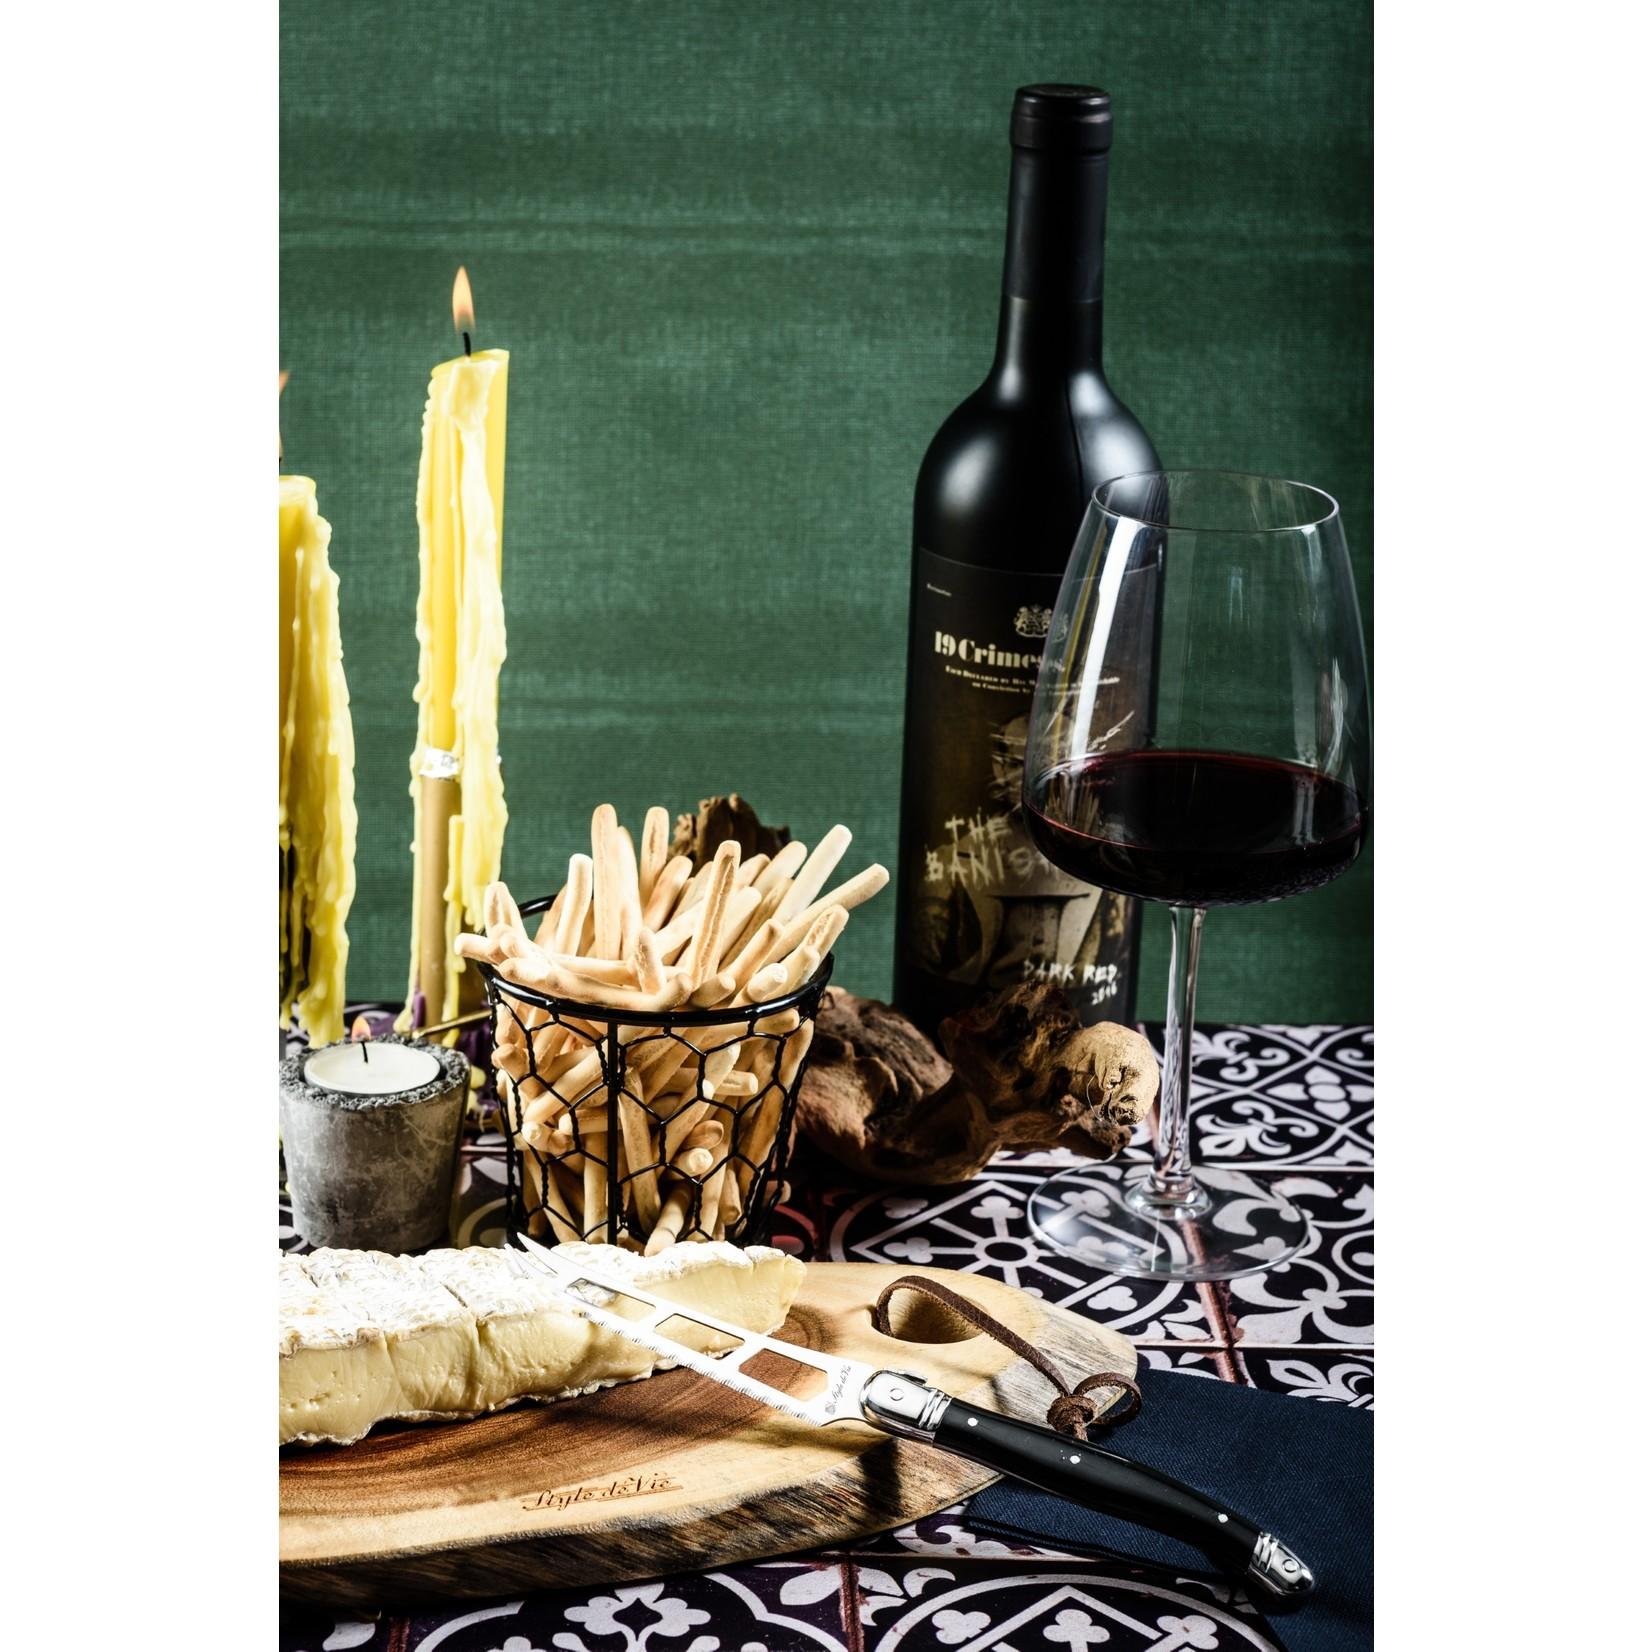 Laguiole Style de Vie Laguiole Style de Vie Premium Line kaasmes zwart